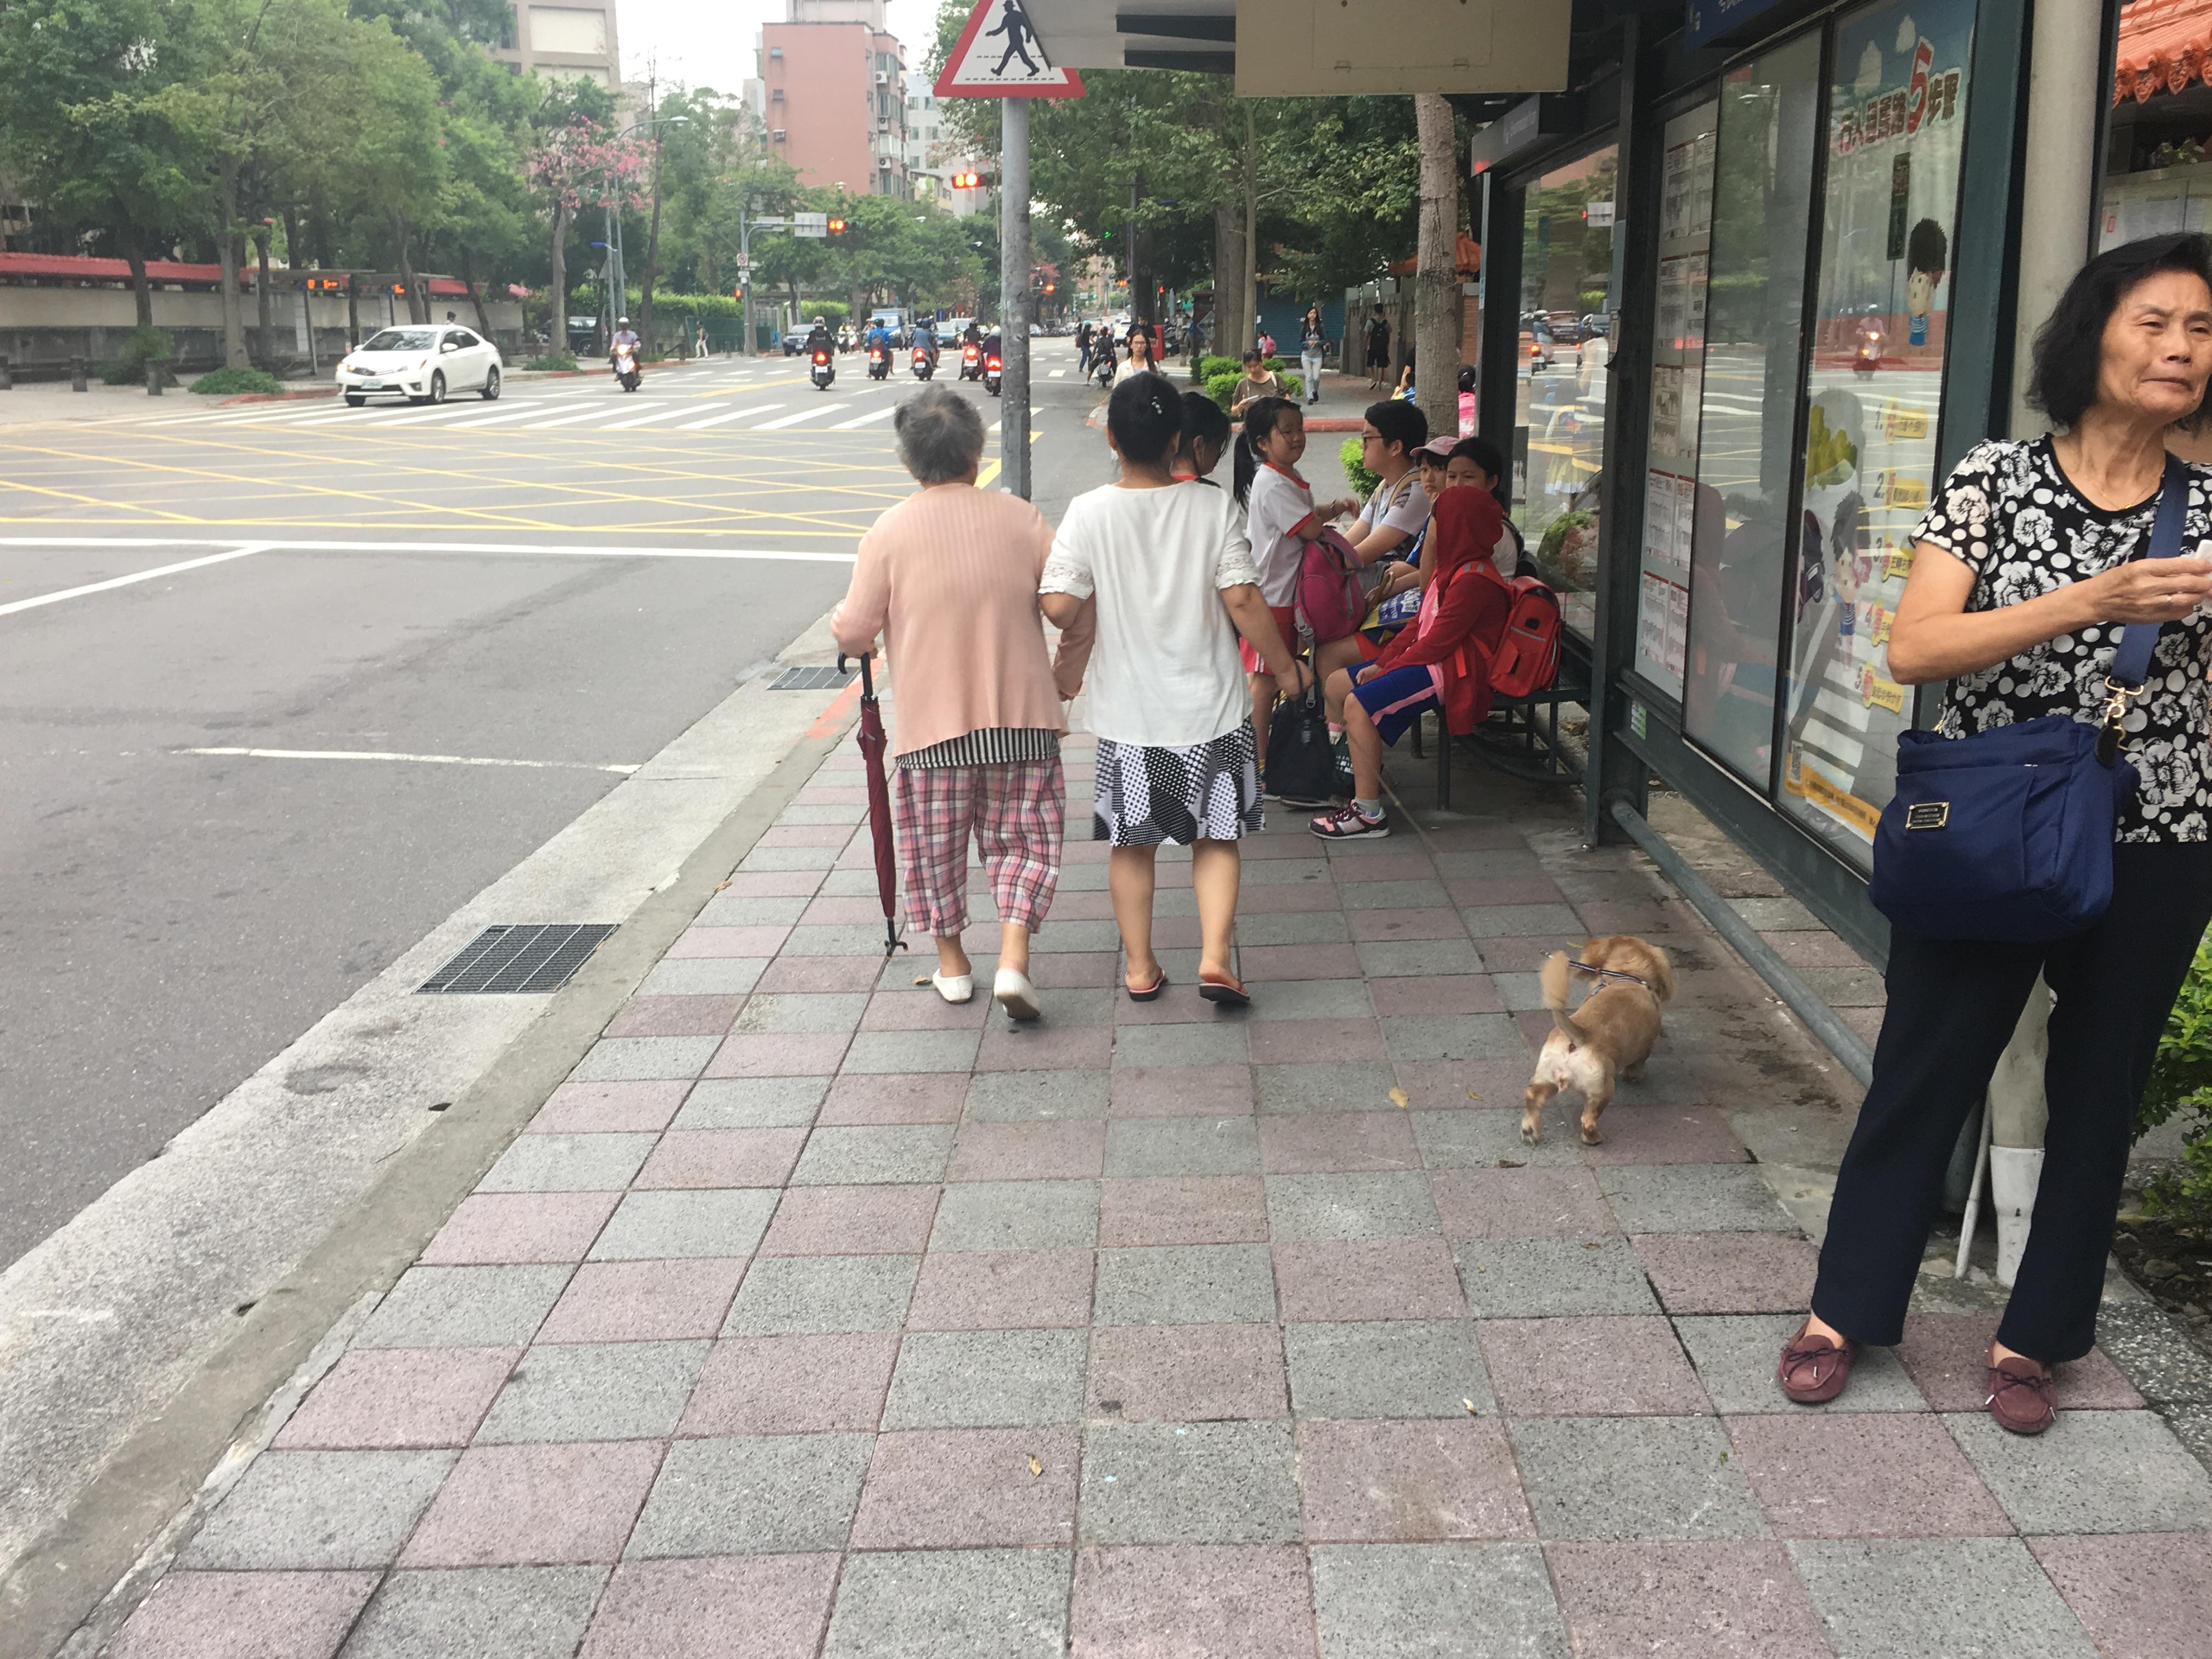 公車站牌不乏出現年長的乘客與小孩,等候搭乘